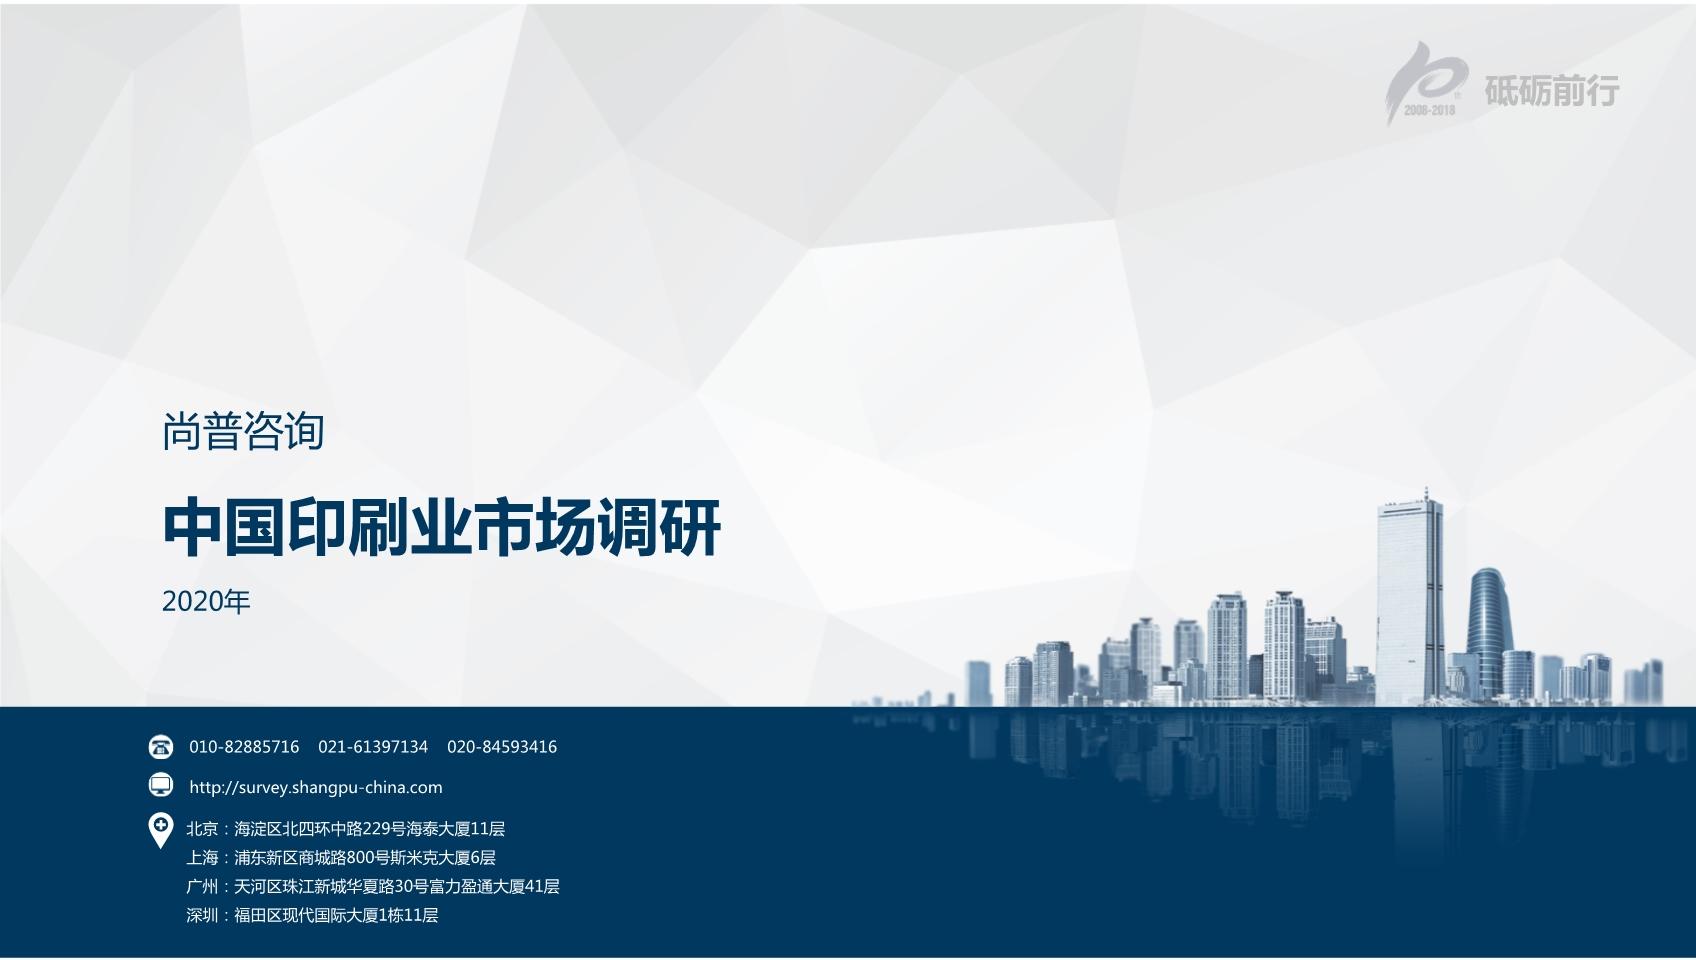 尚普咨询:2020年中国印刷业市场调研